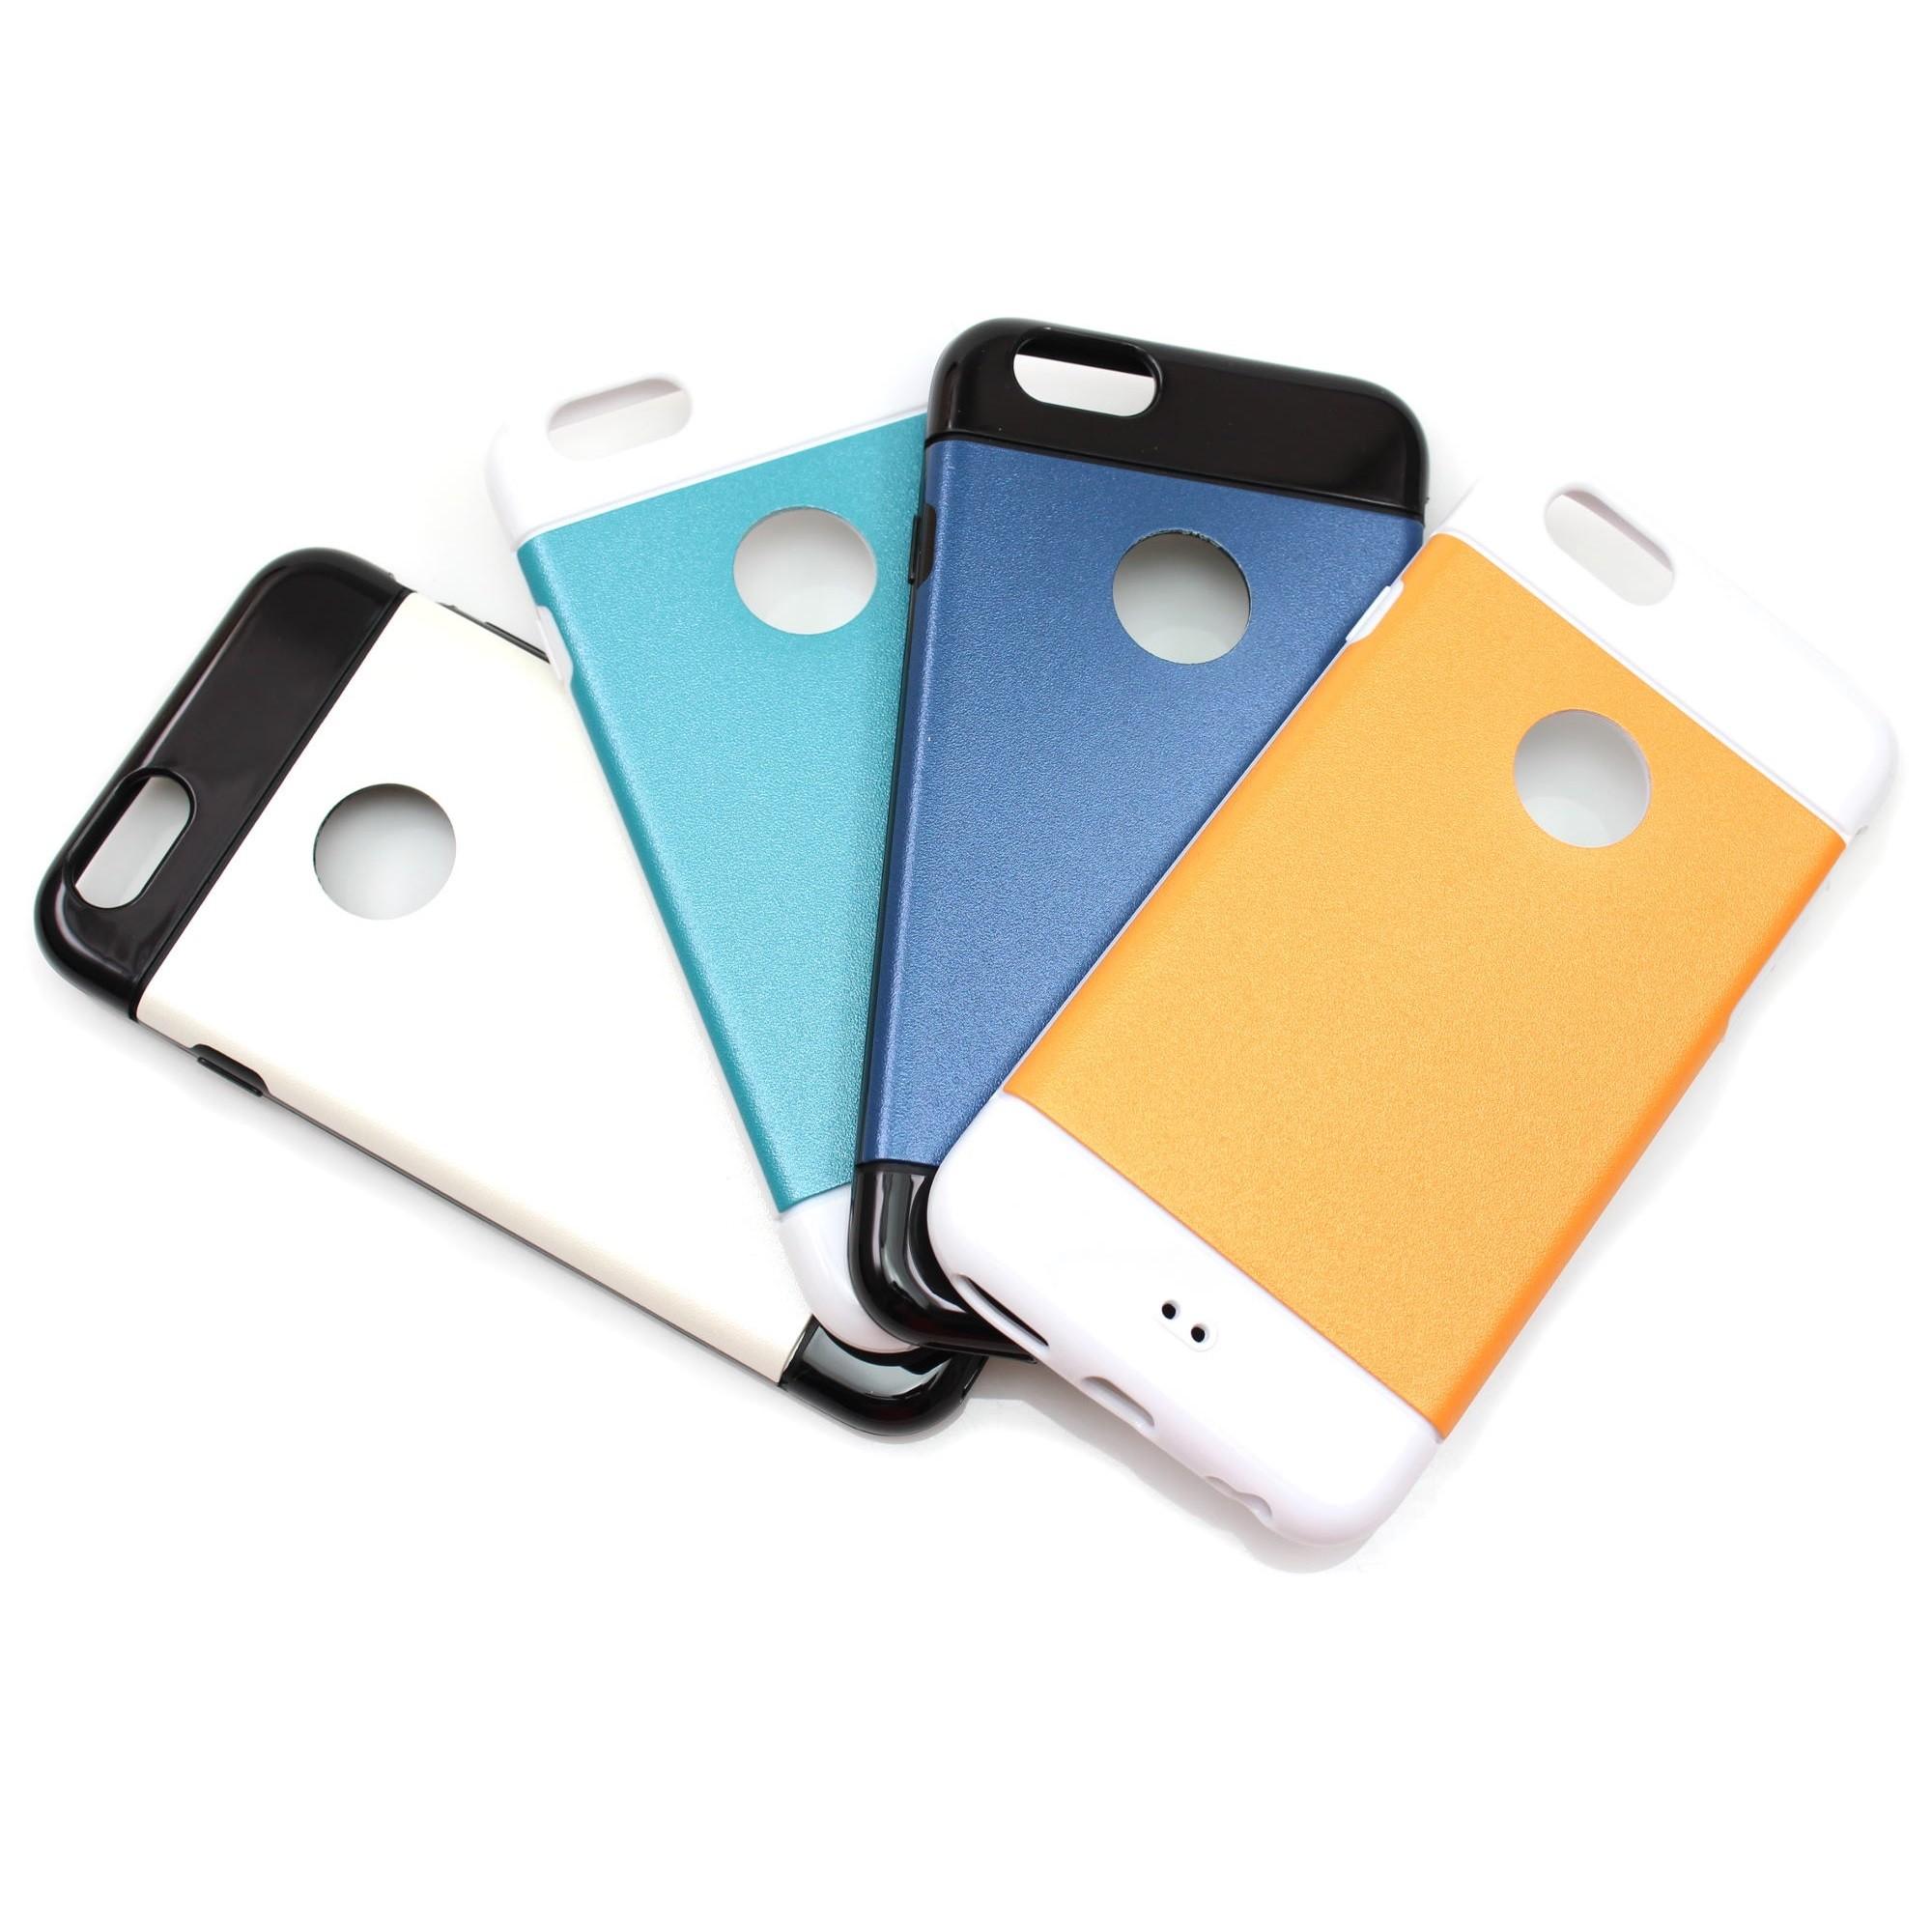 iPhone 6 Kaksivärinen suojakuori